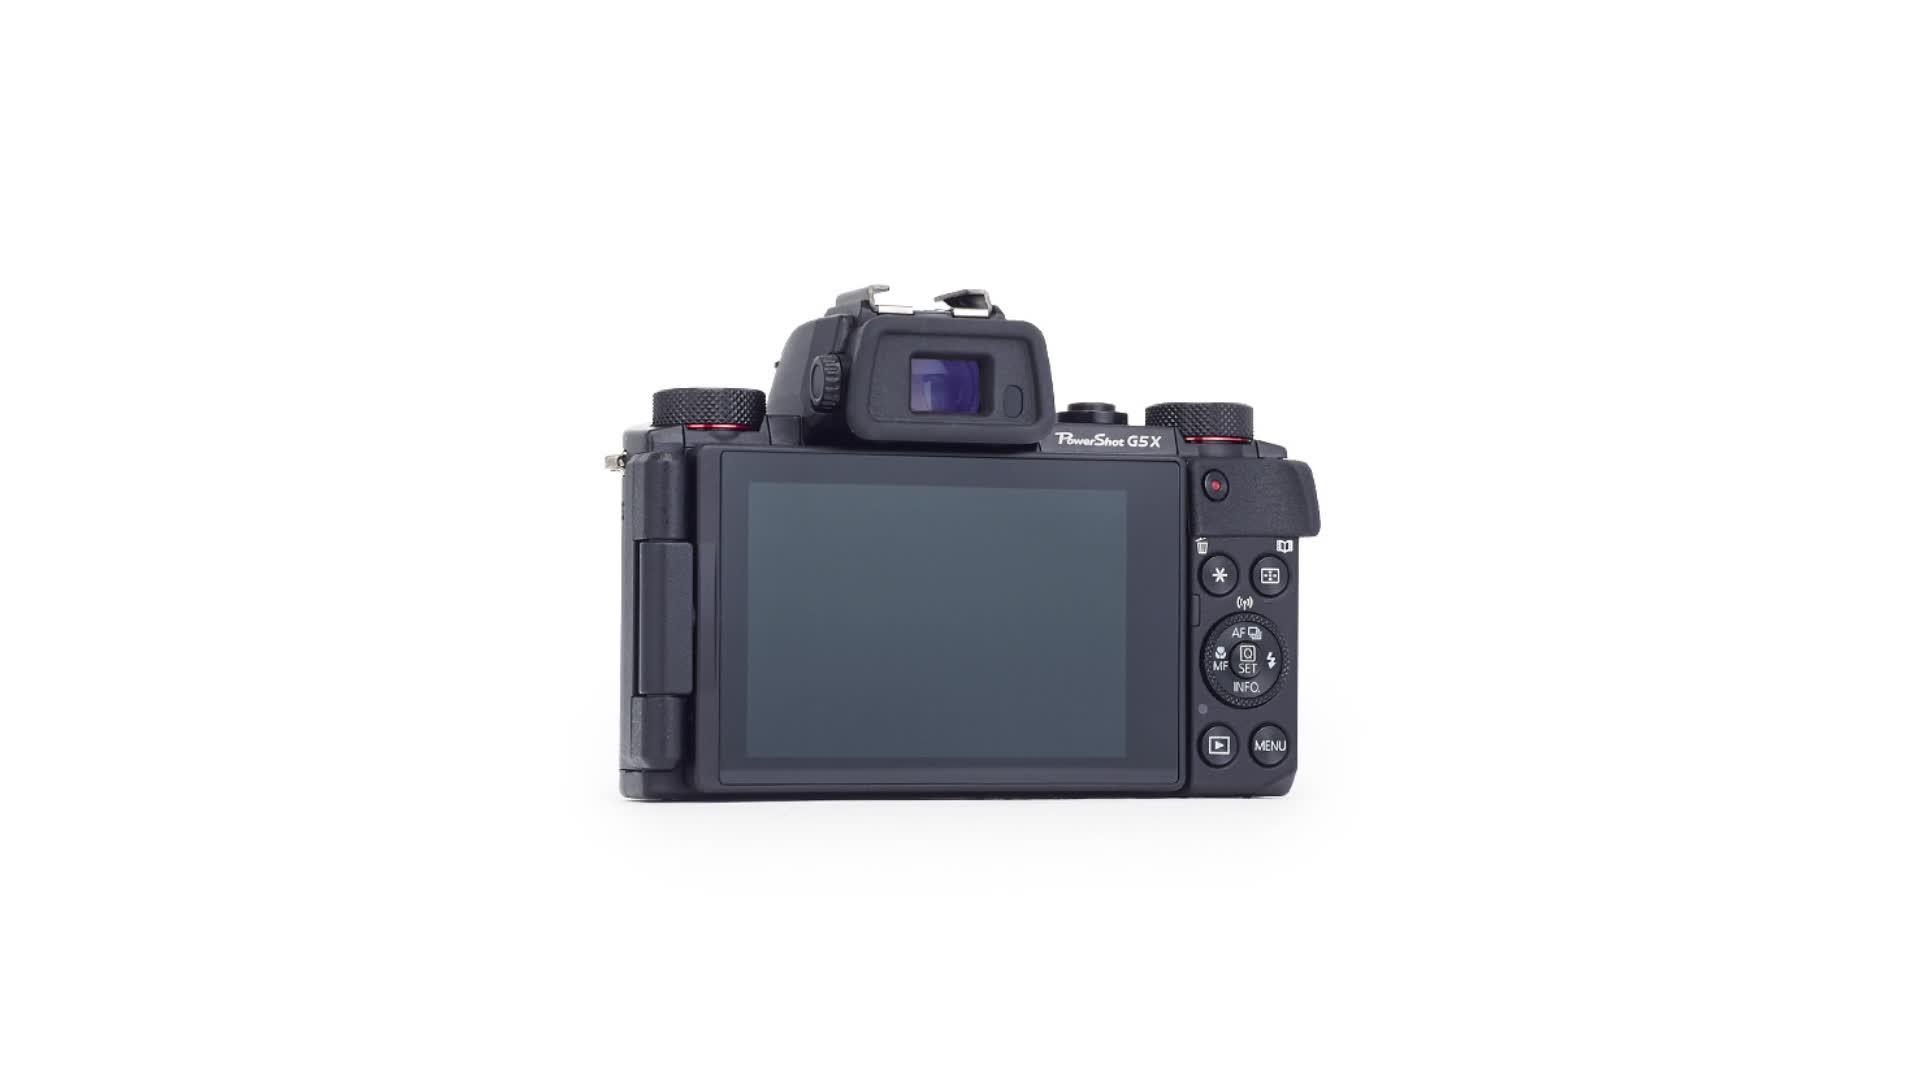 5 sur appareil photo compact canon powershot g5x. Black Bedroom Furniture Sets. Home Design Ideas